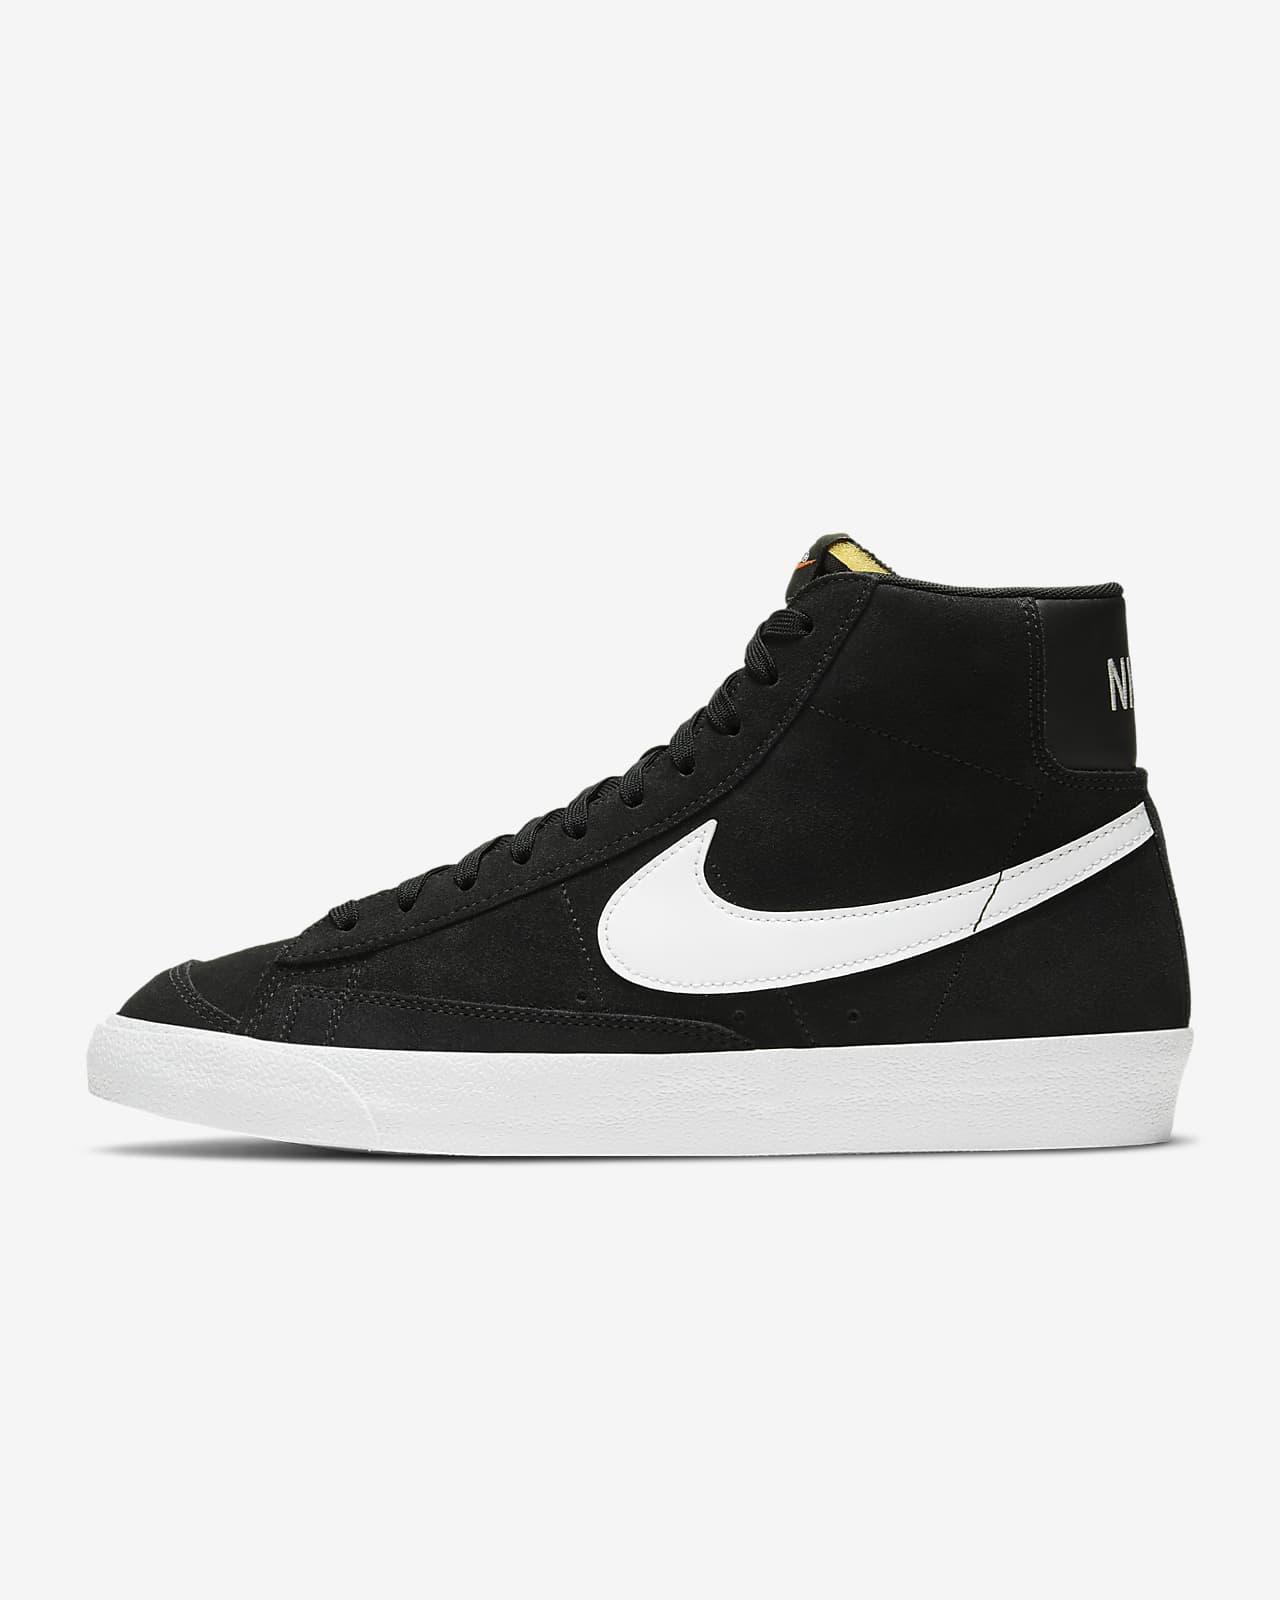 Παπούτσι Nike Blazer Mid '77 Suede